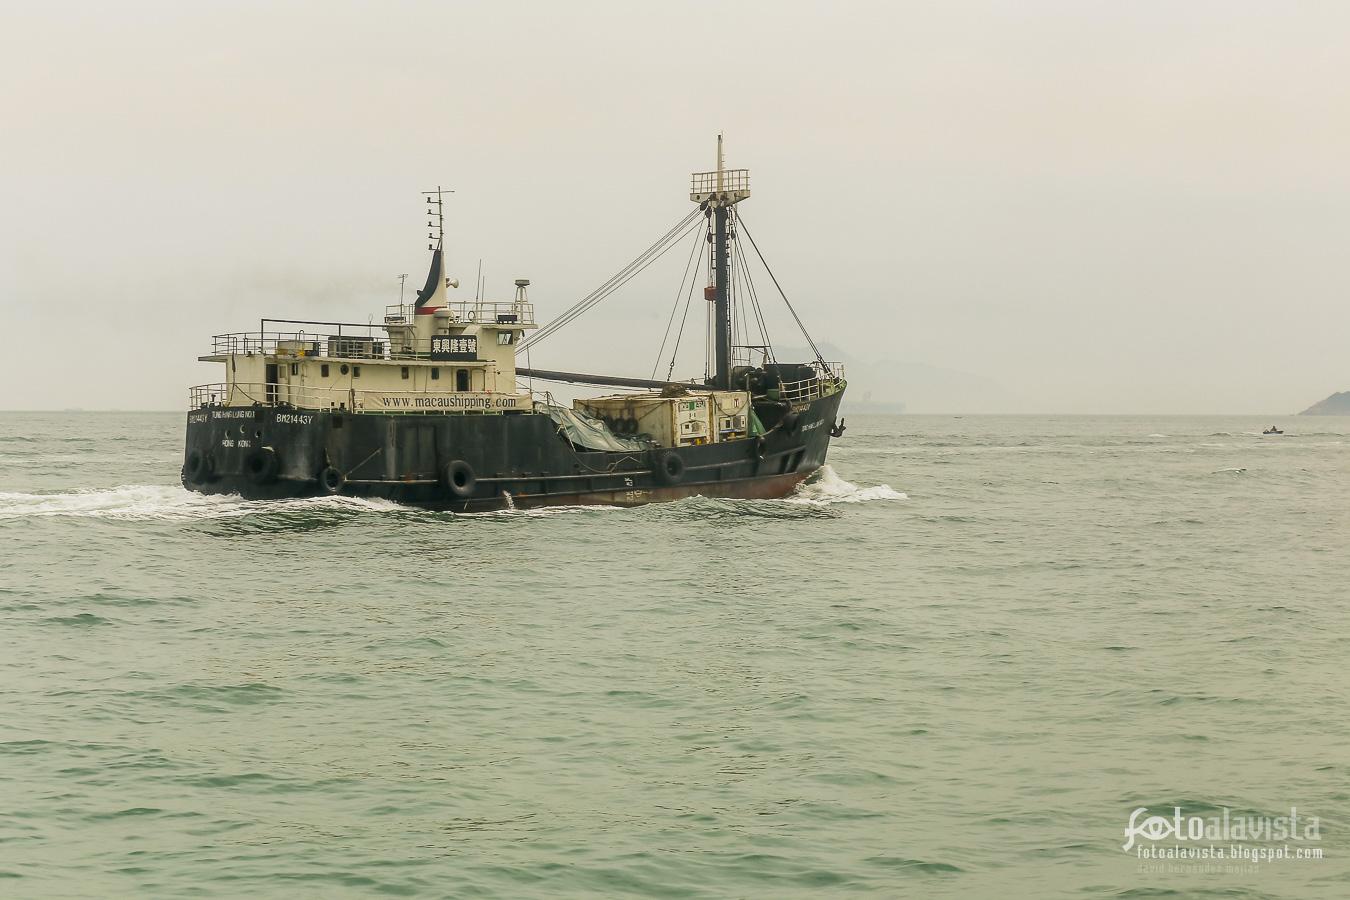 El barco de Macao - Fotografía artística